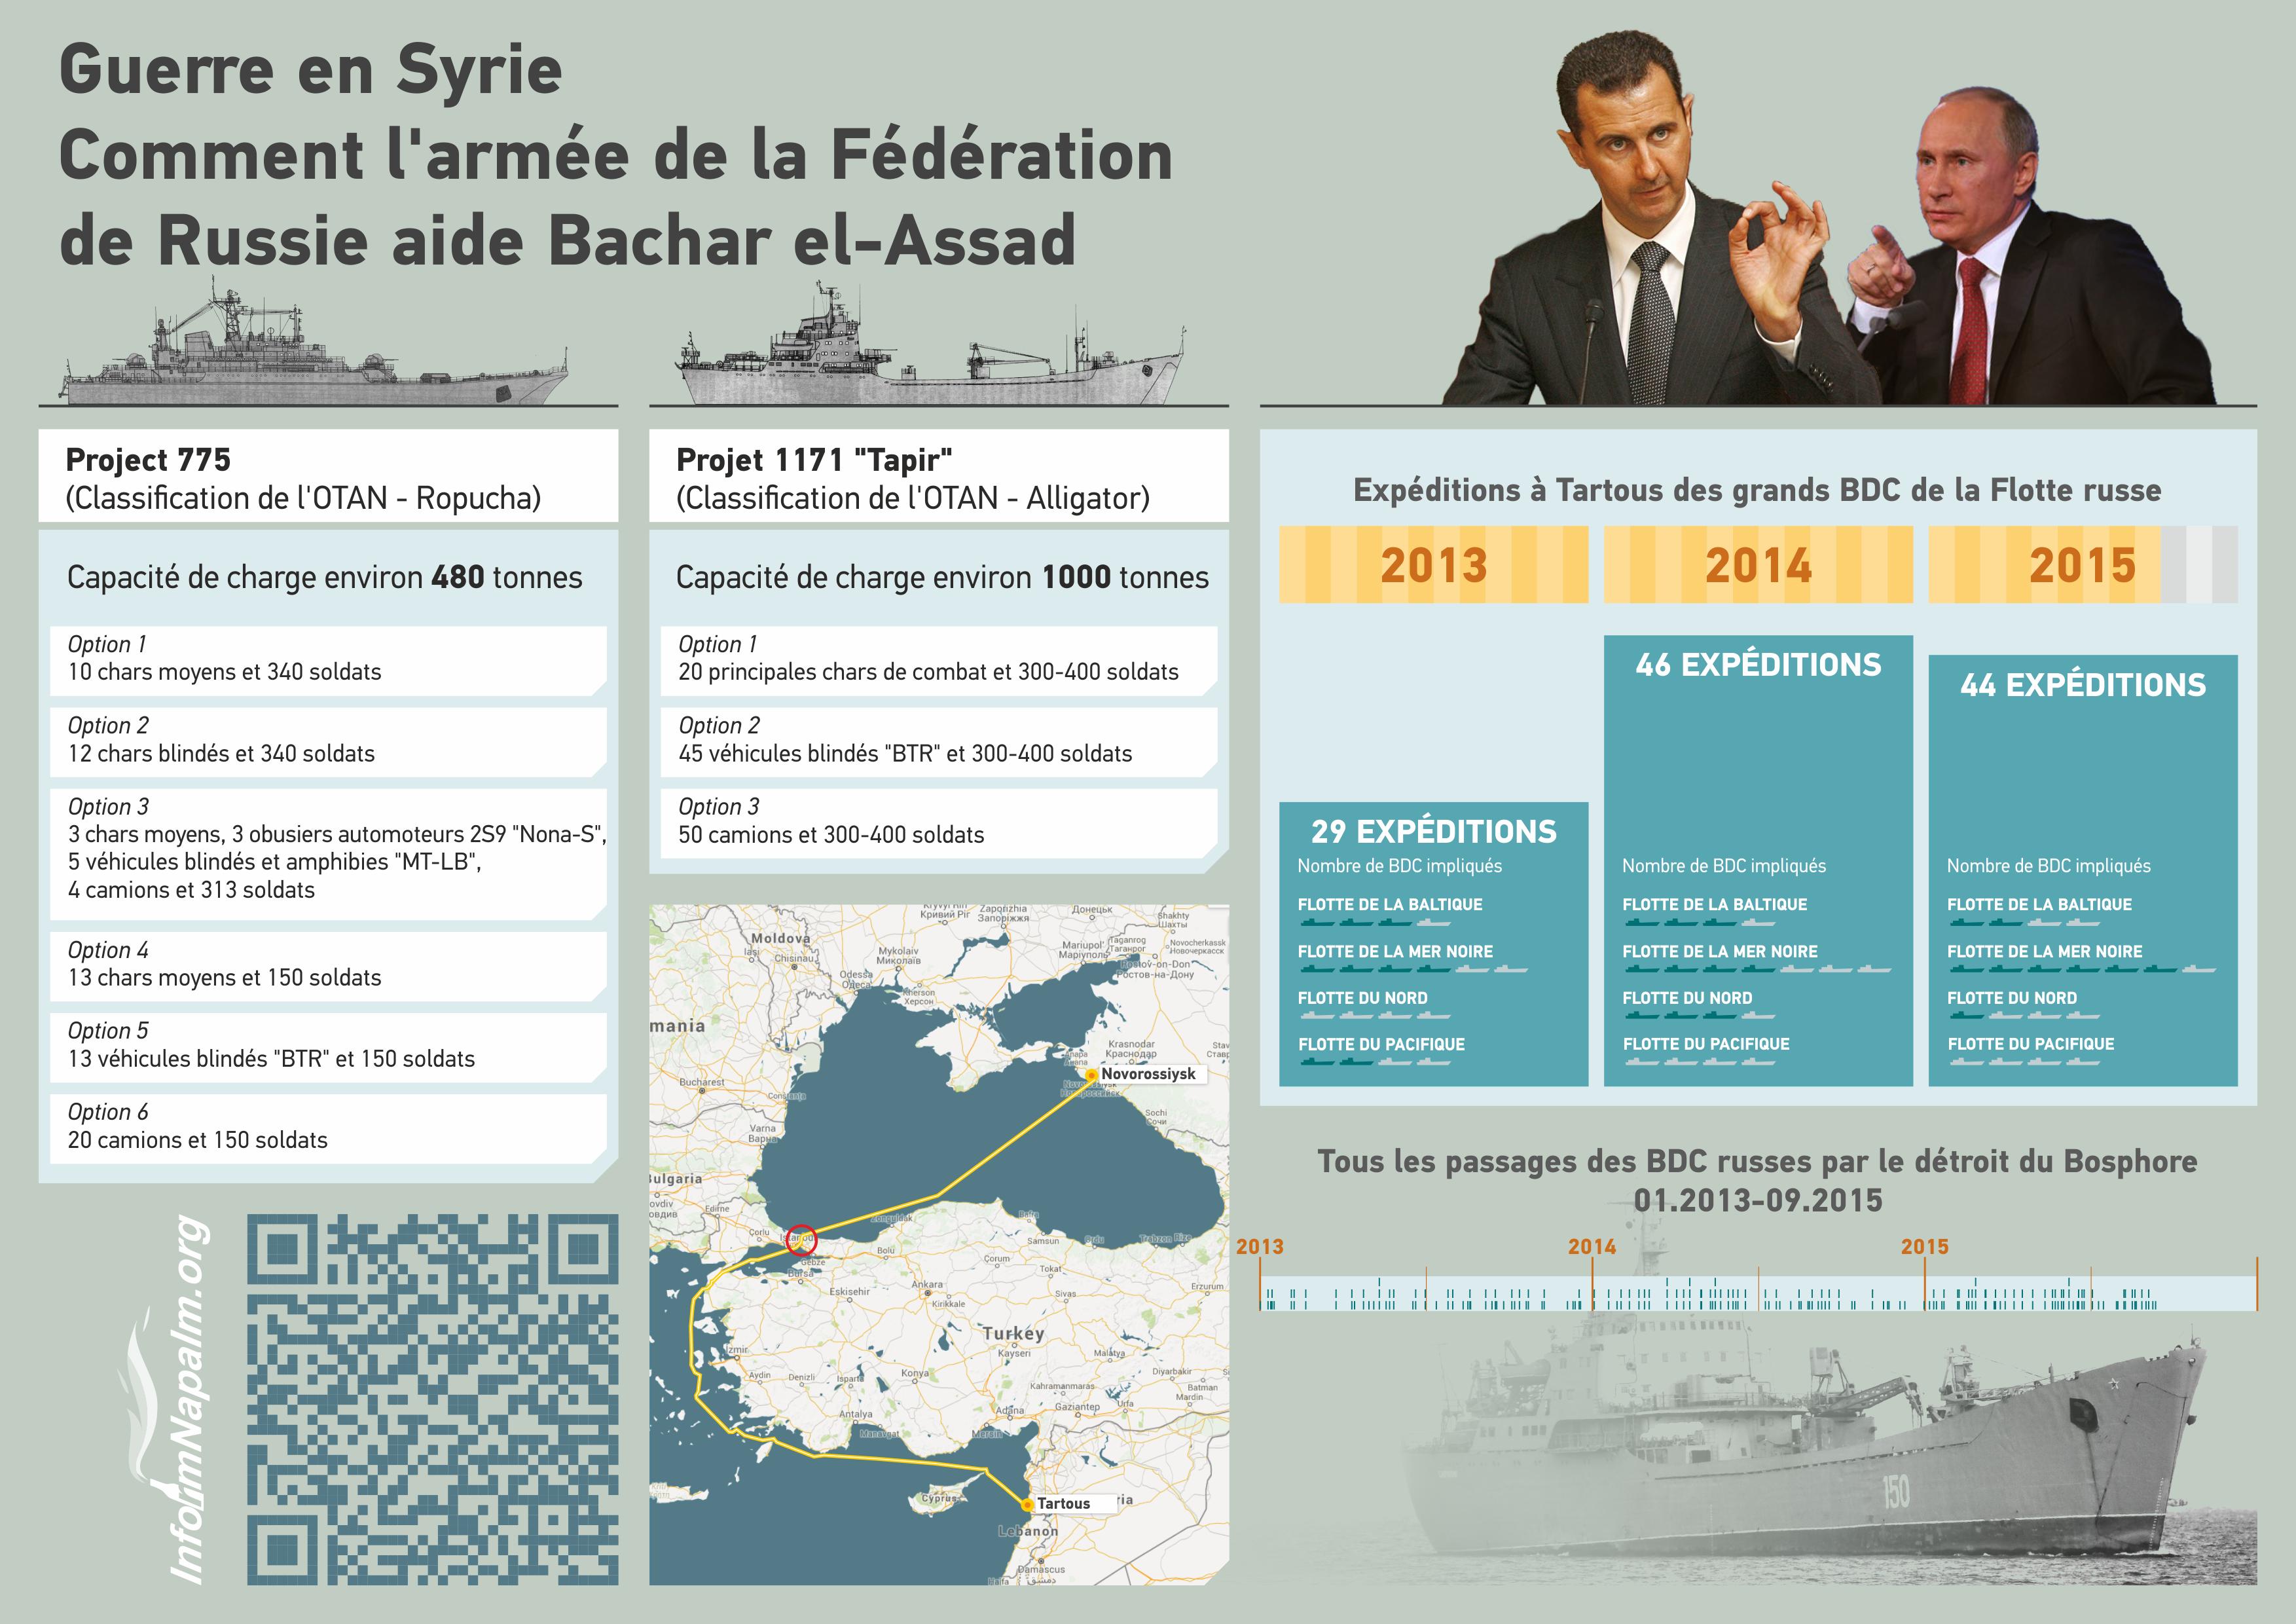 InformNapalm_Syria_02_FR